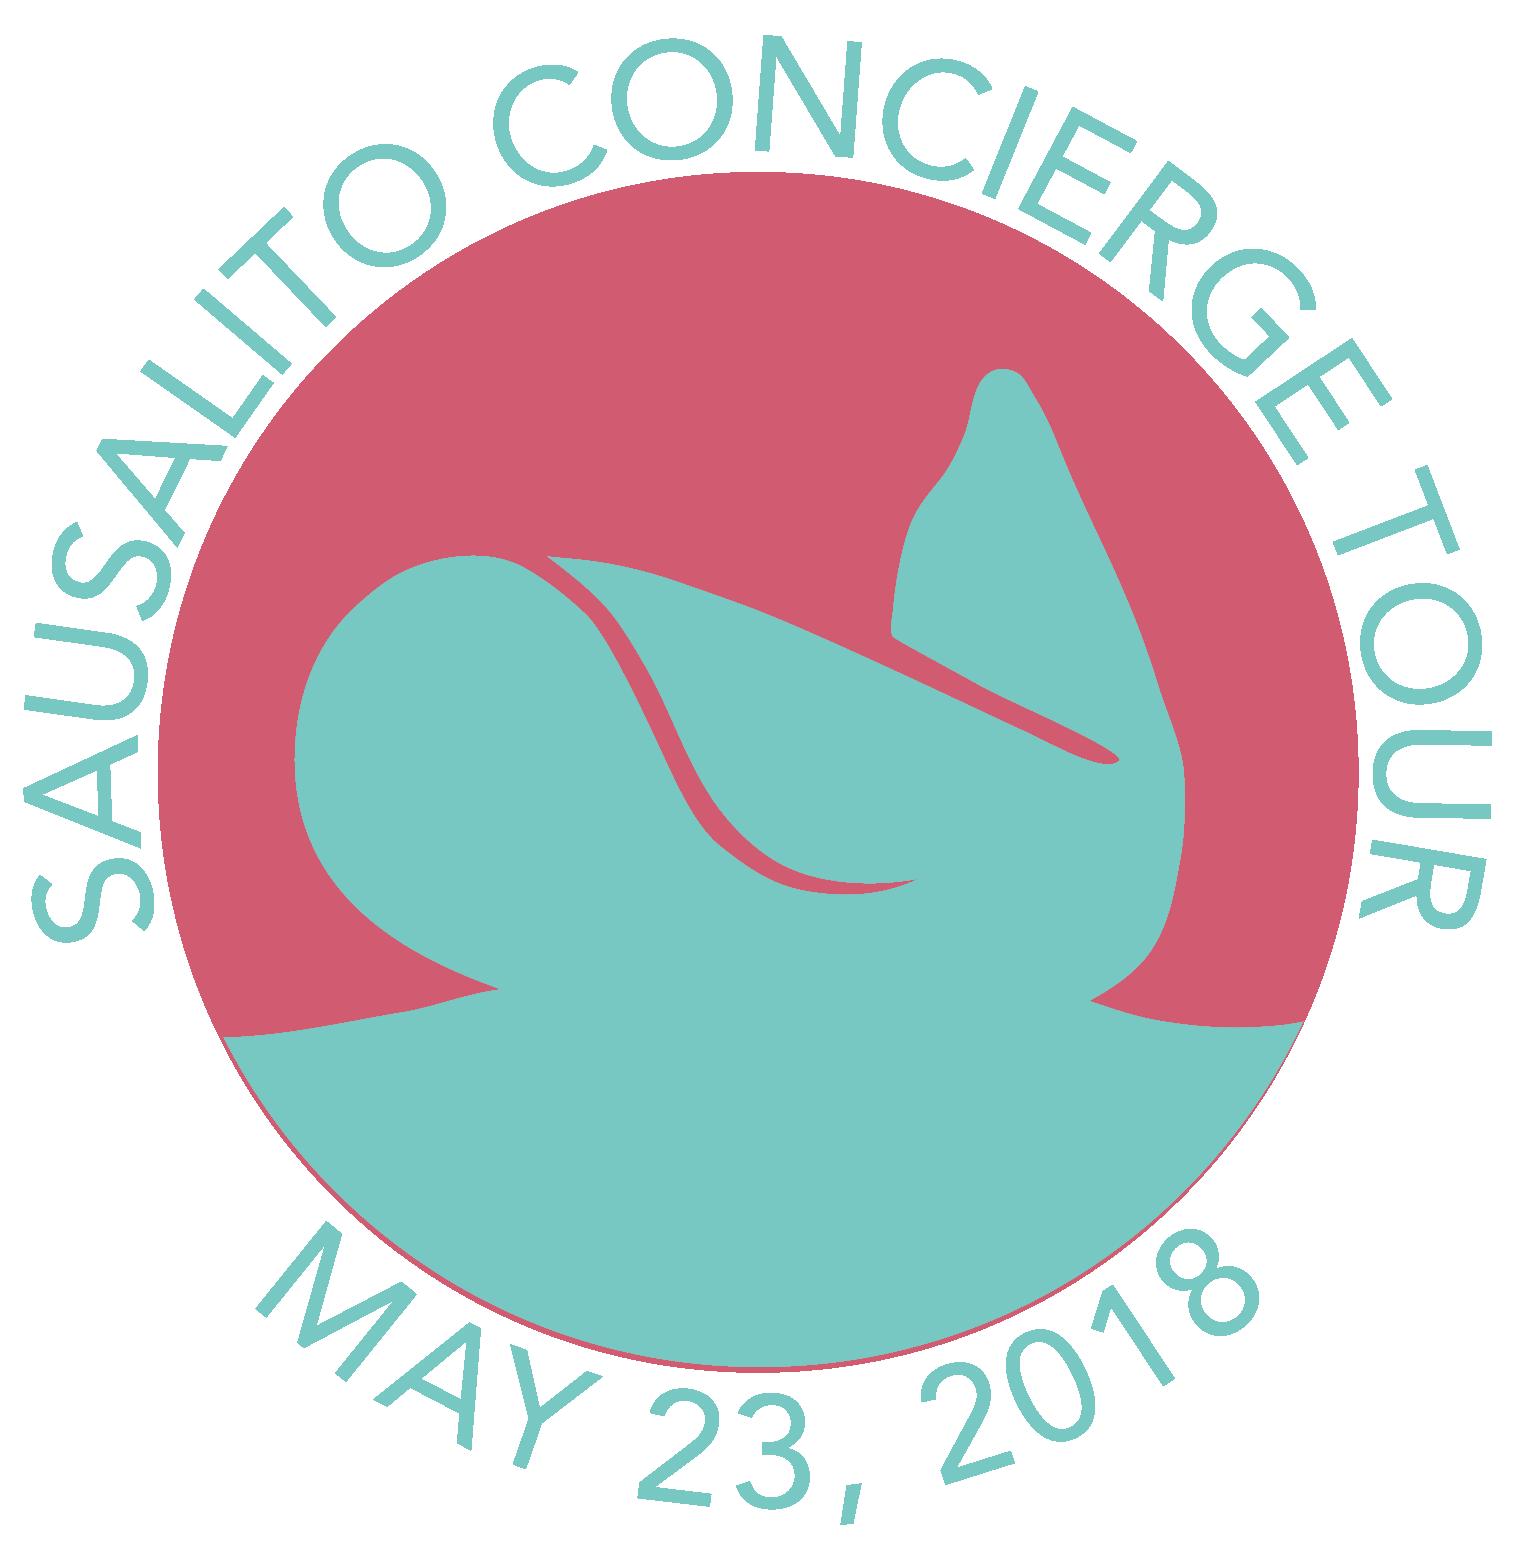 Sausalito Concierge Tour